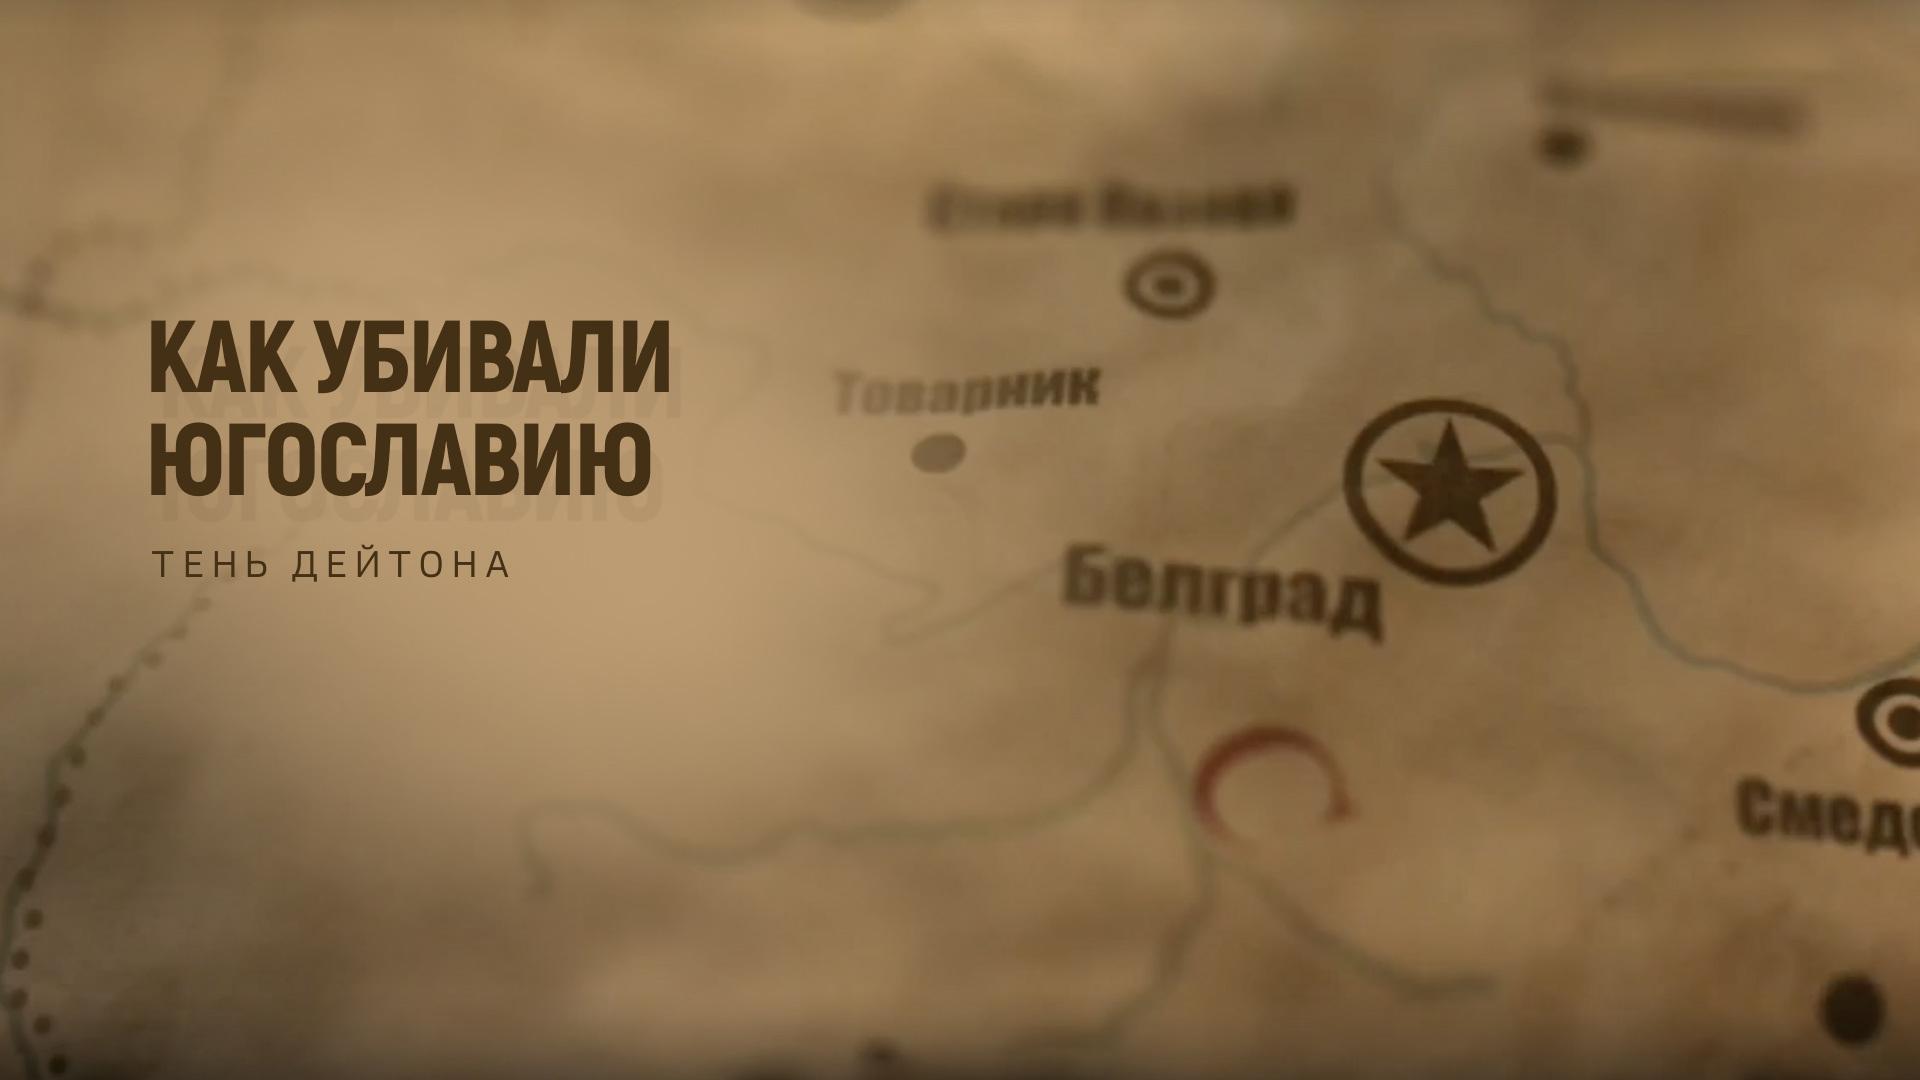 Как убивали Югославию. Тень Дейтона